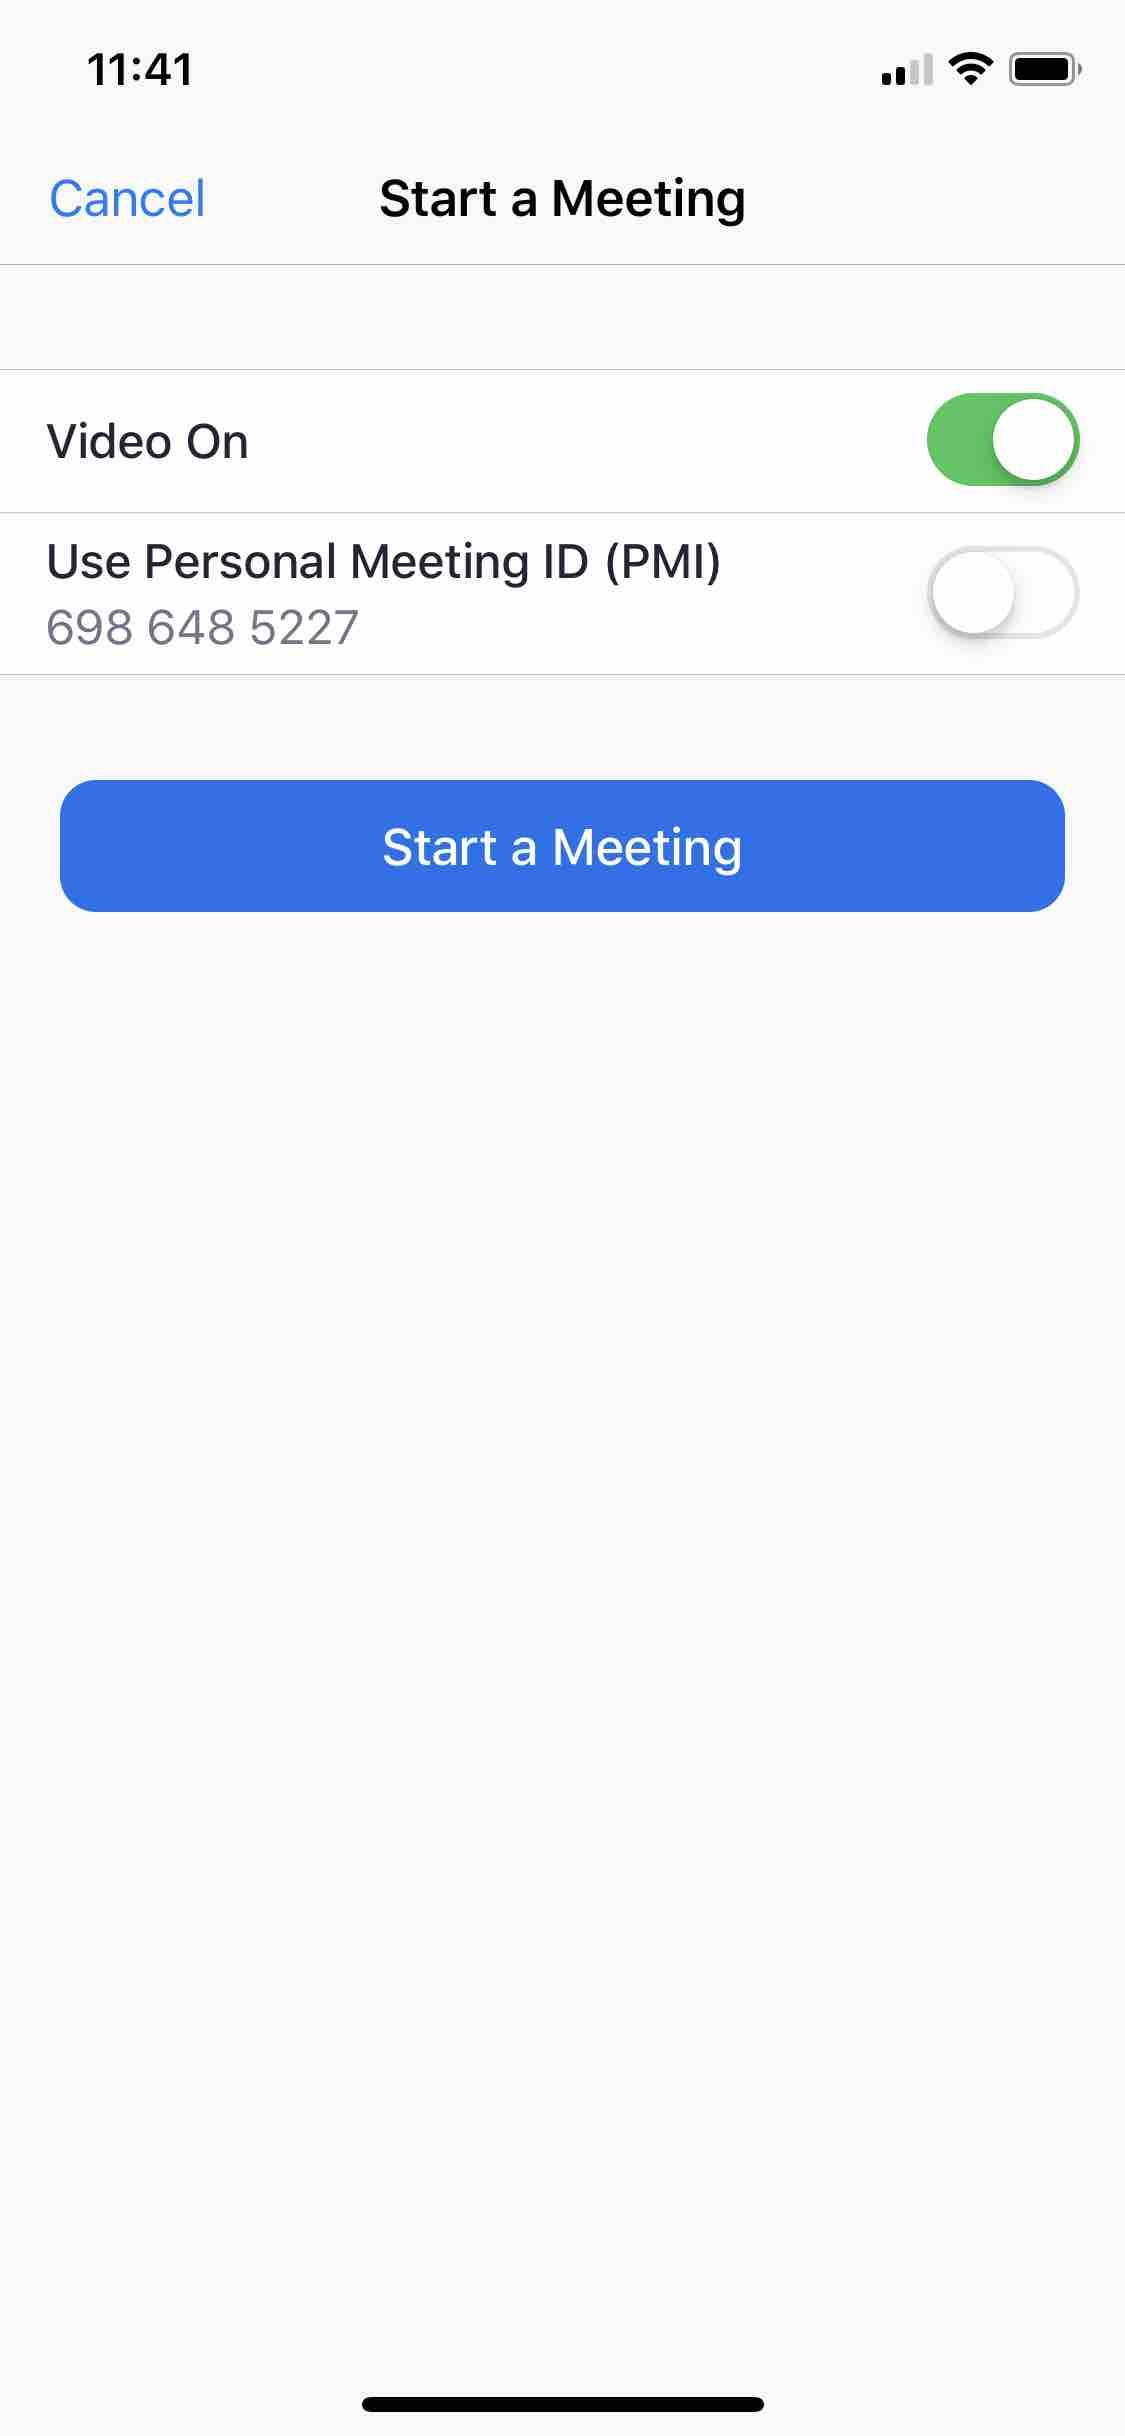 Start a Meeting